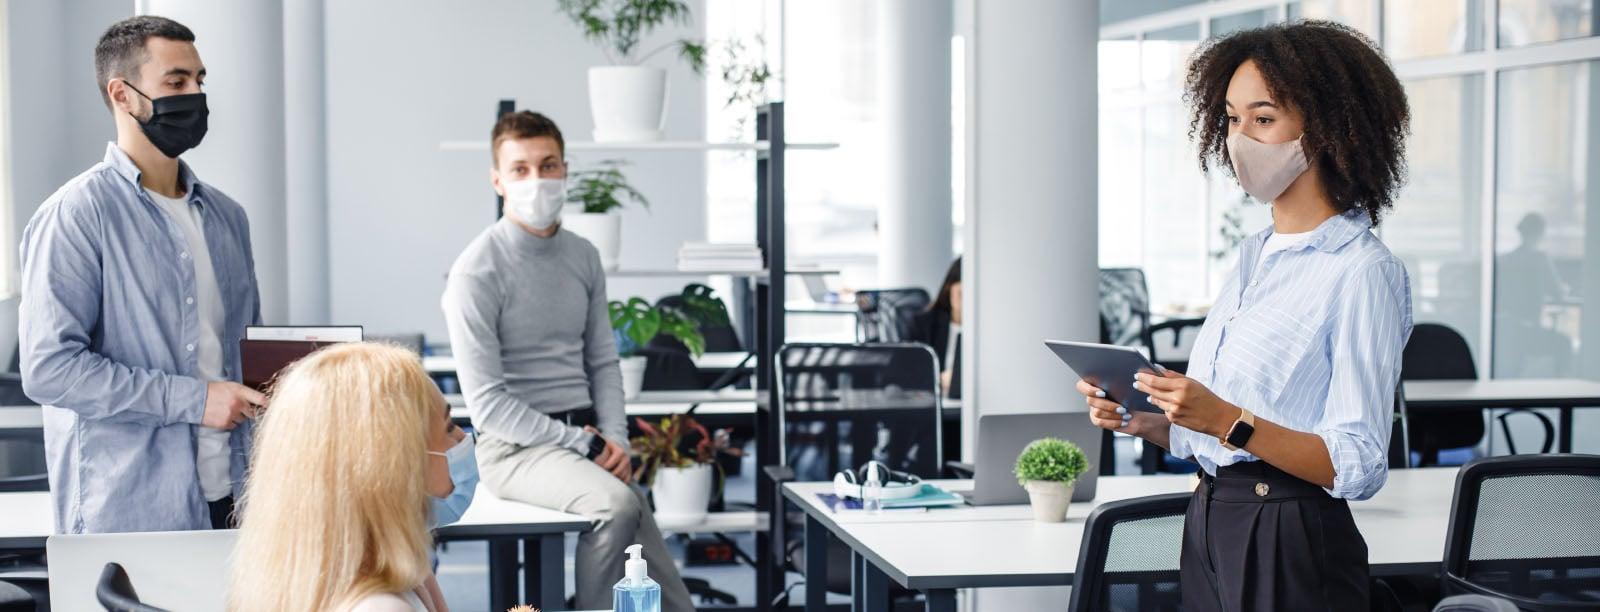 Team at work talking wearing masks.